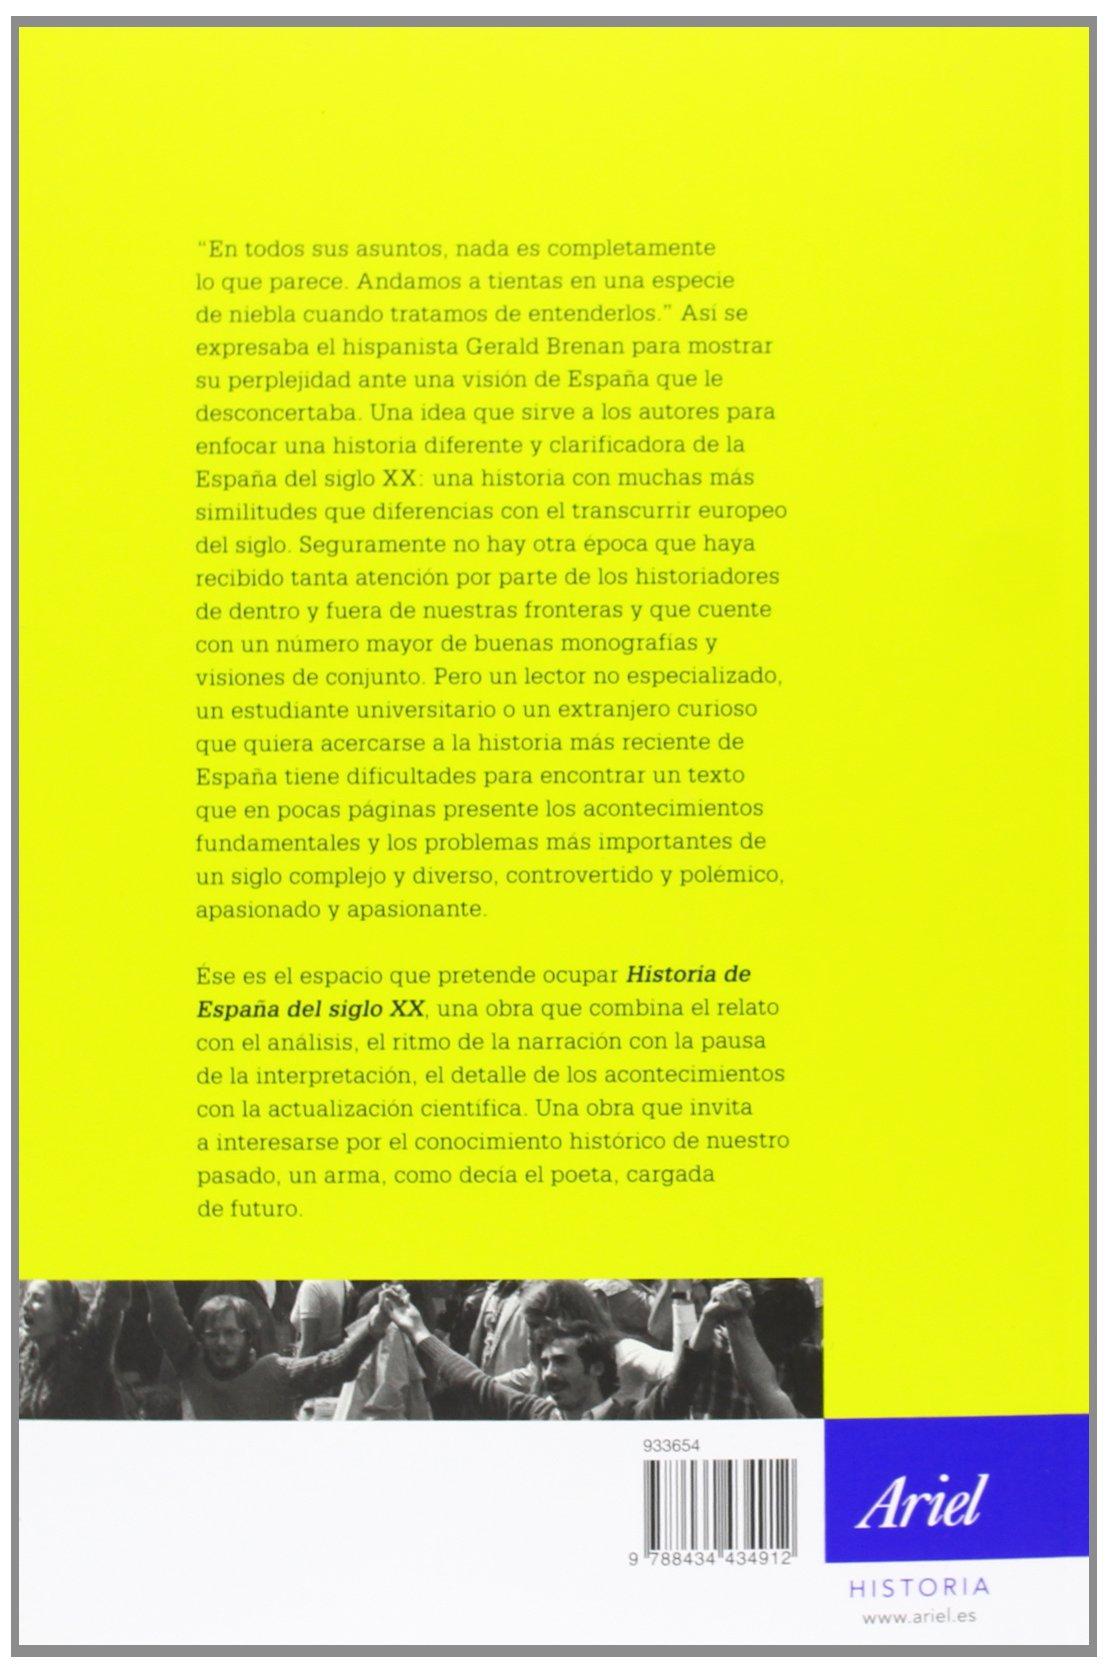 Historia de España en el siglo XX (Ariel Historia): Amazon.es: Gil ...